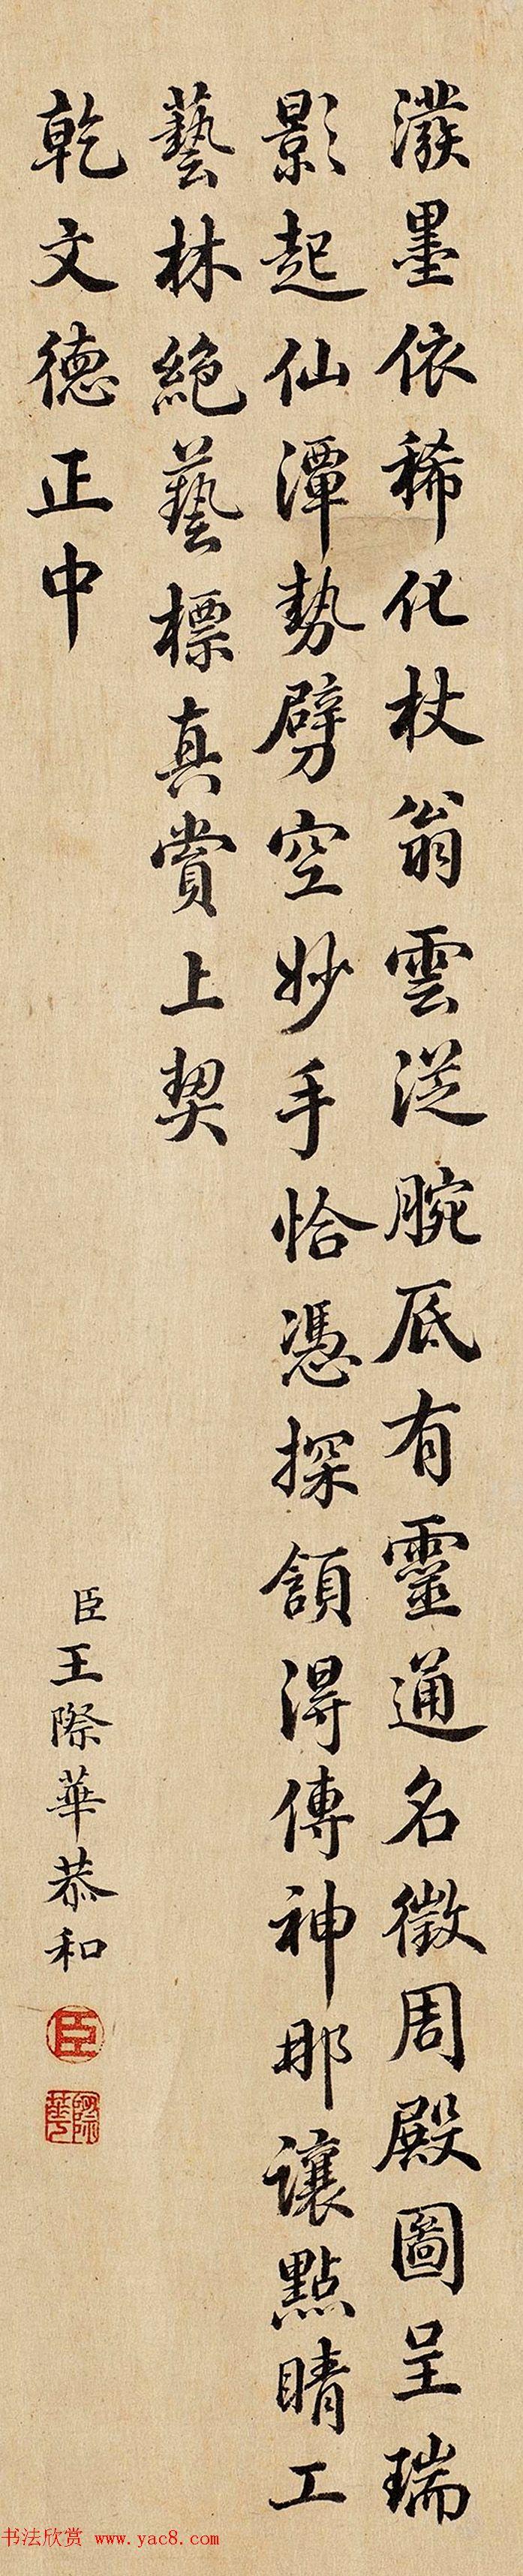 清代八位大臣拼诗词比书法_同题大PK!